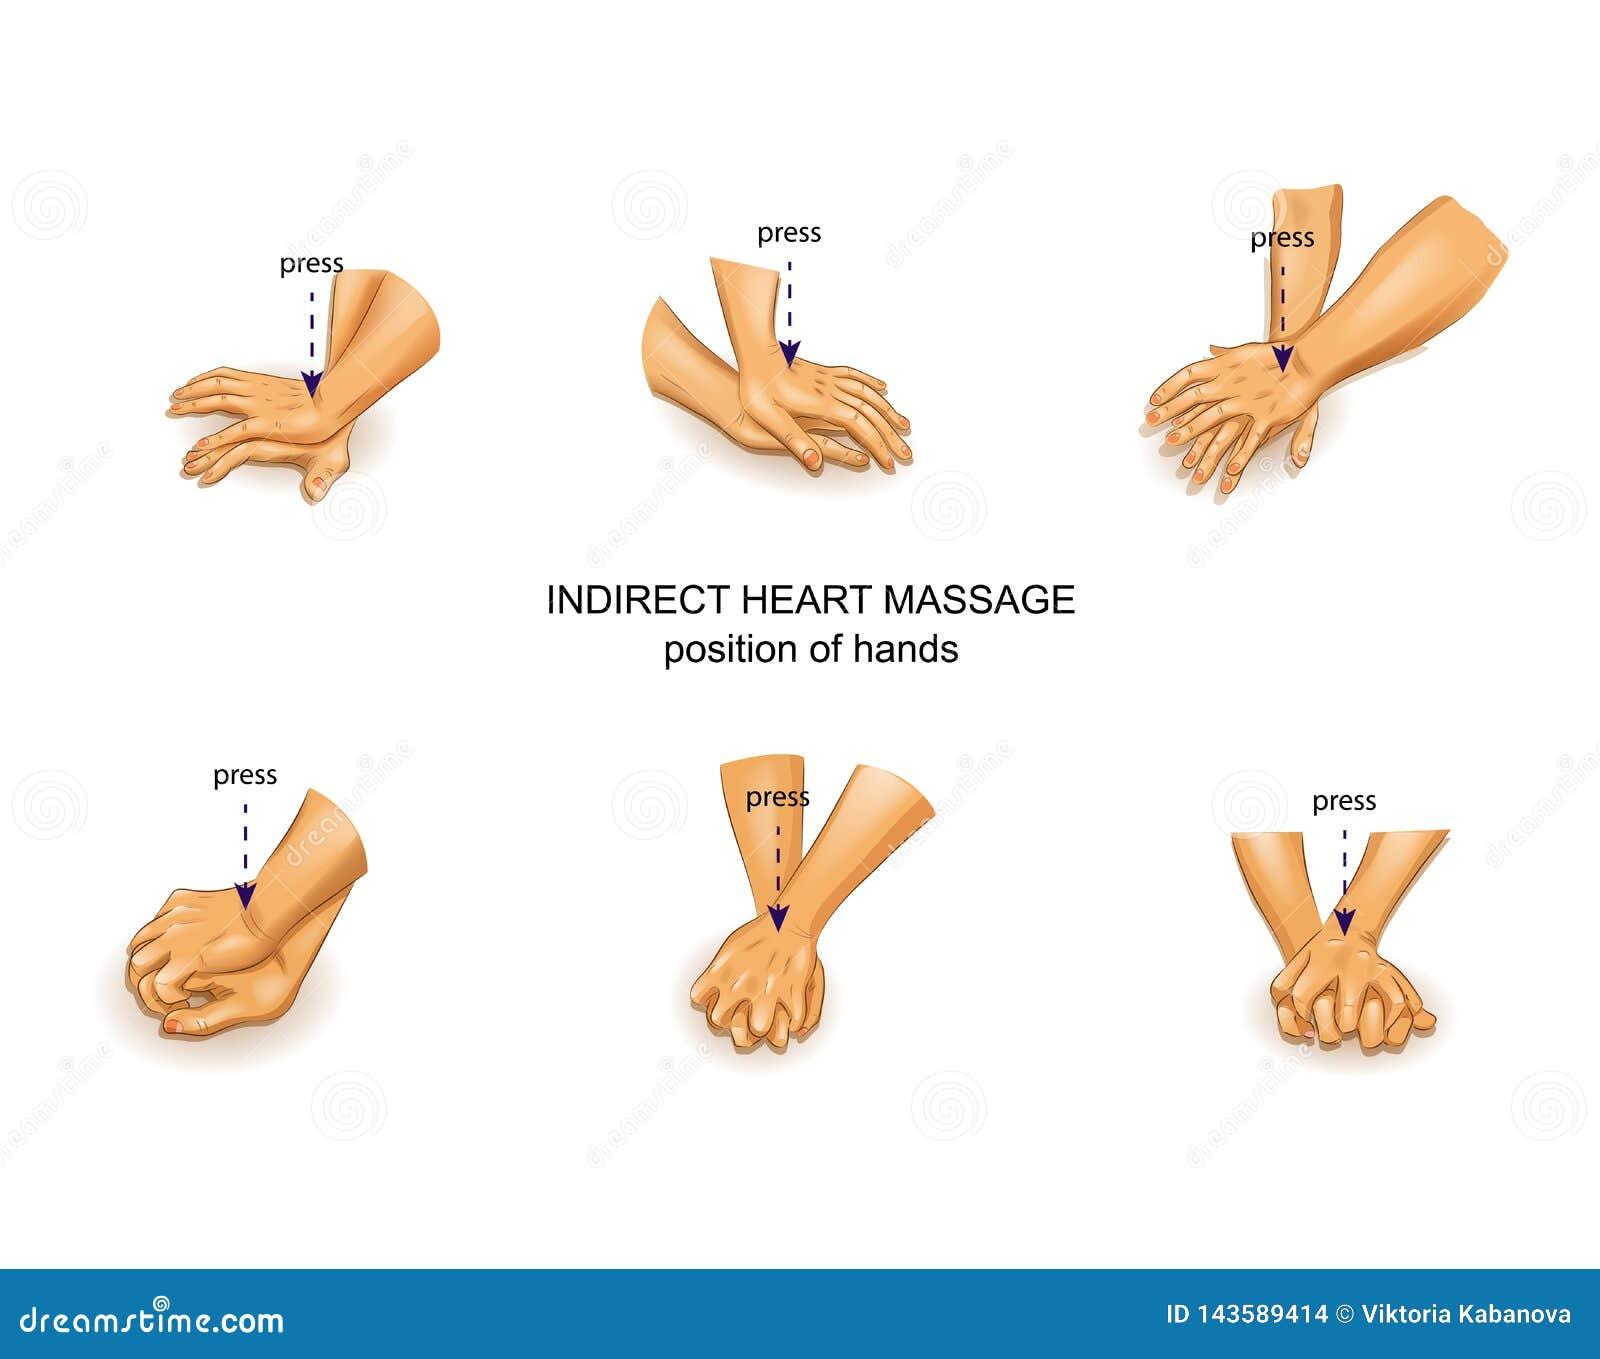 医生的手的位置在间接心脏信息